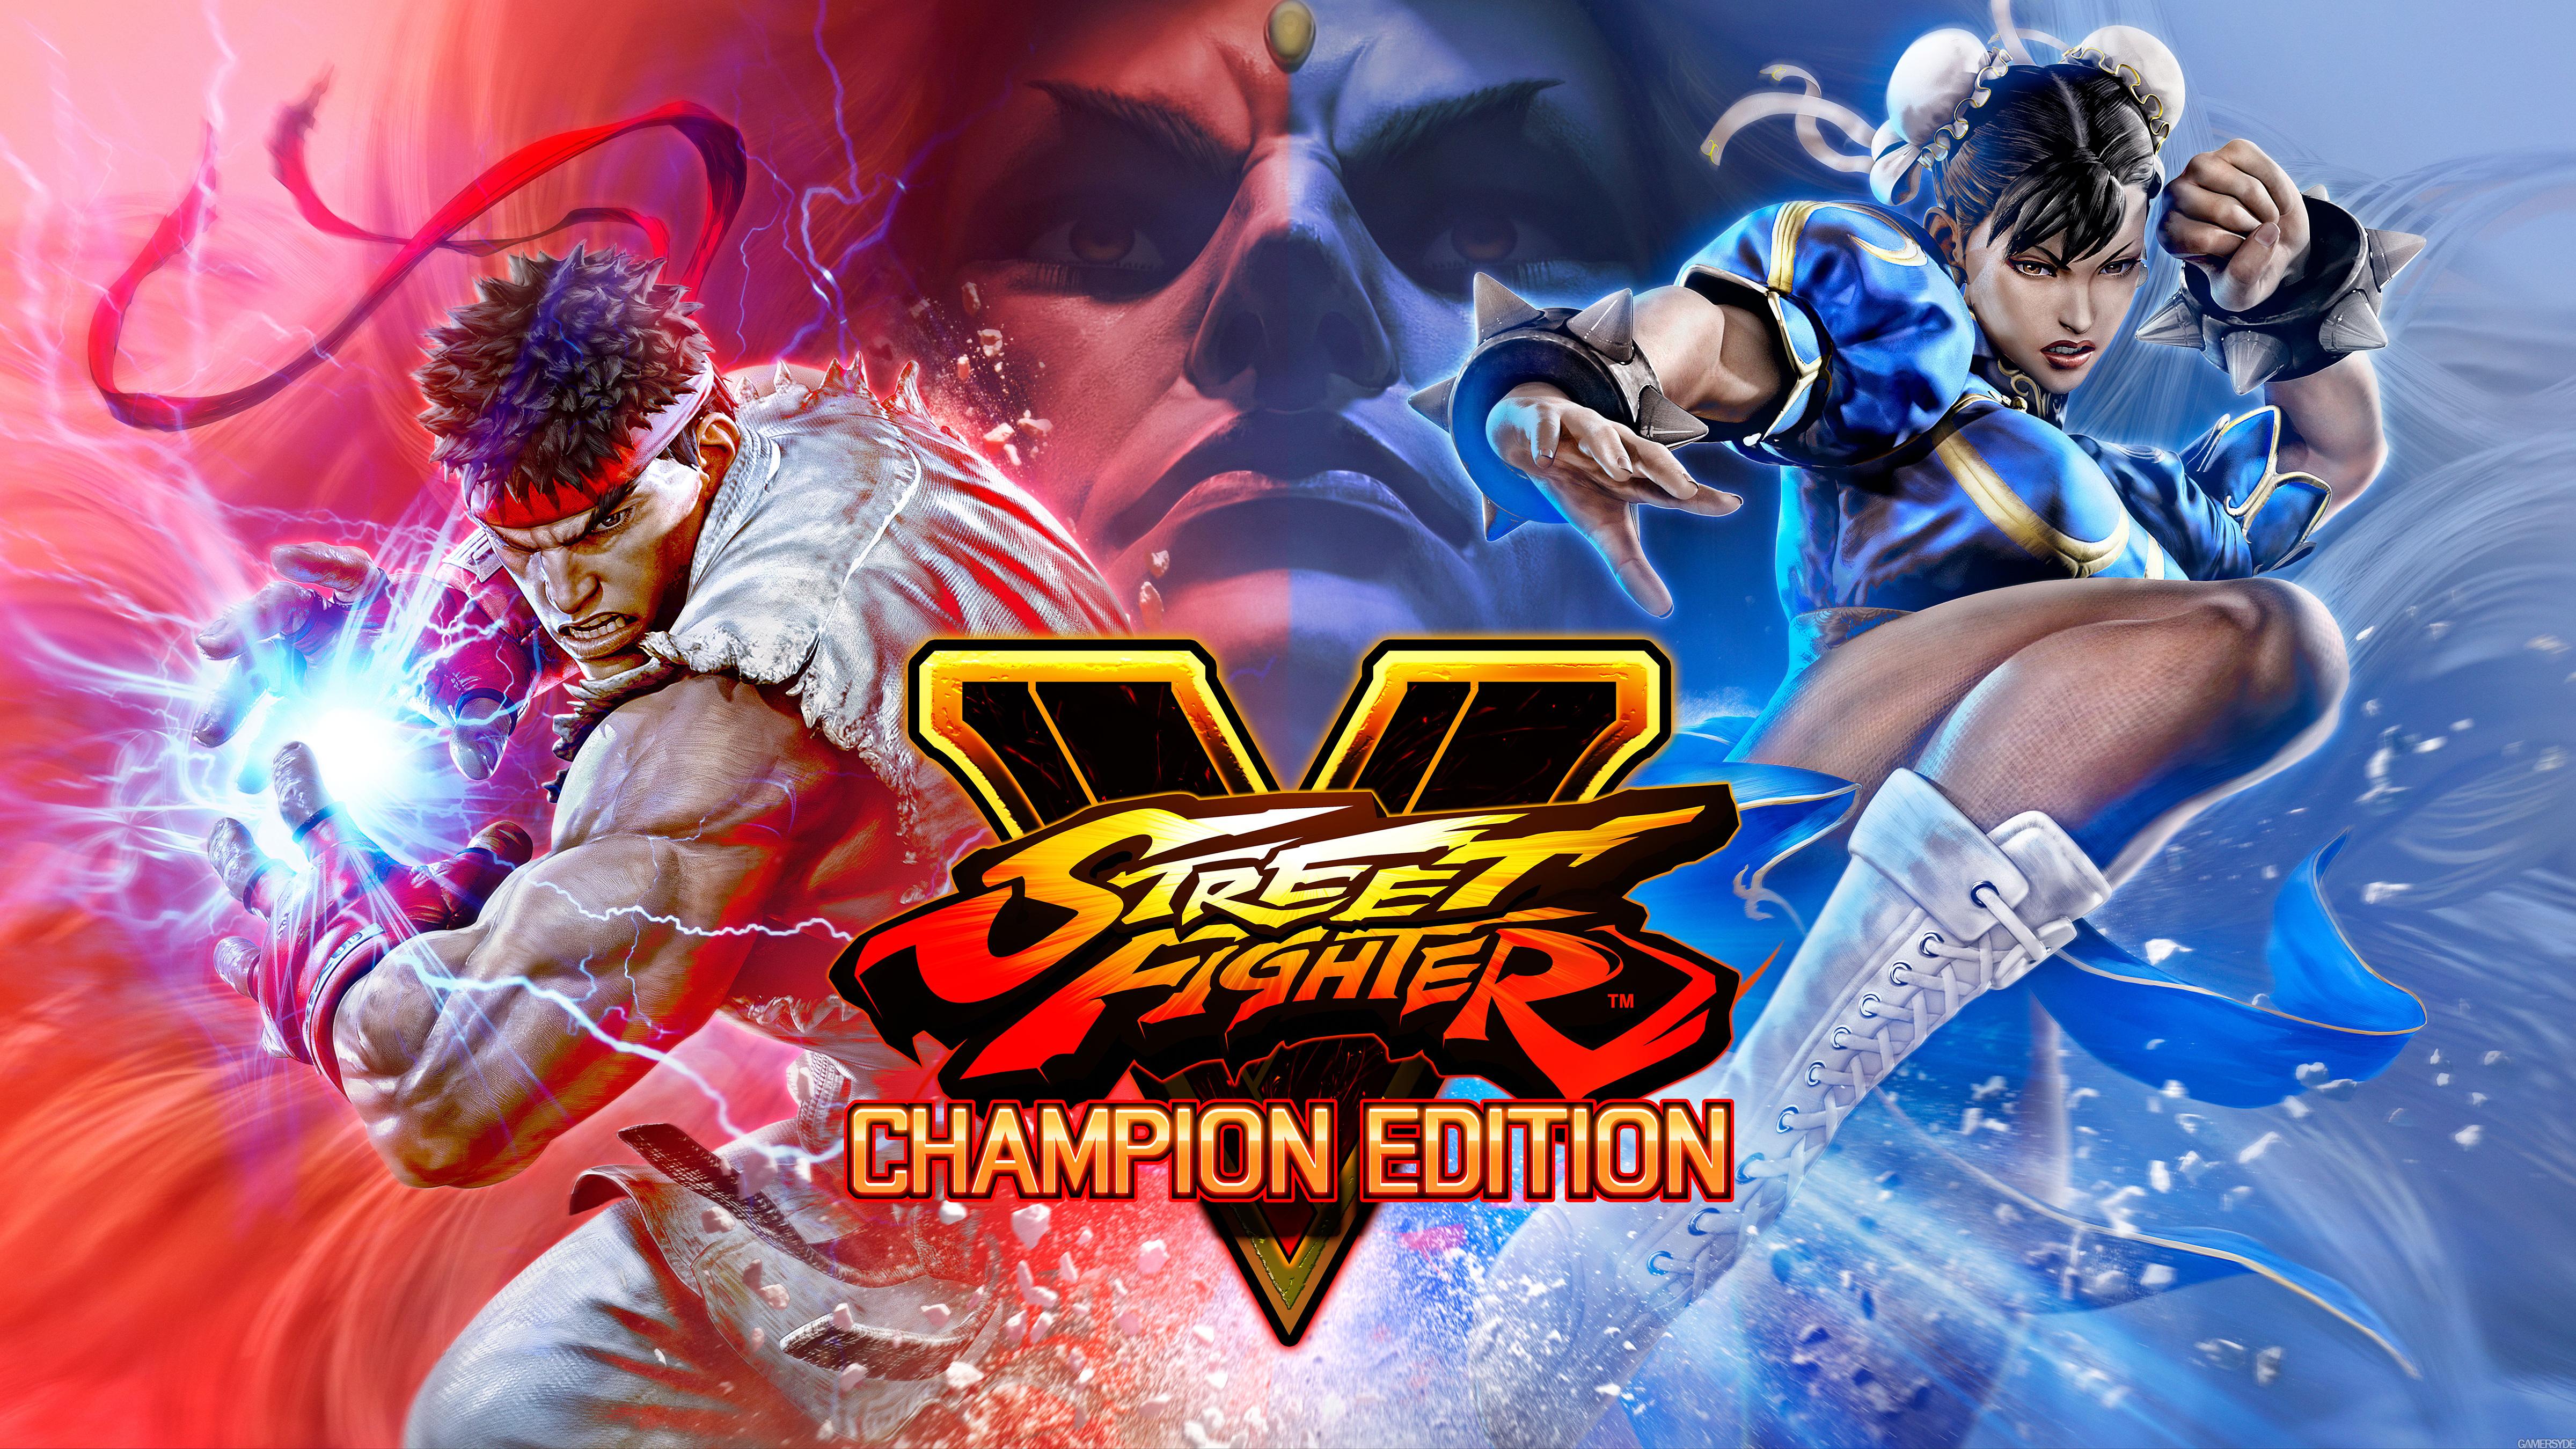 street fighter v champion edition 1578851932 - Street Fighter V Champion Edition - Street Fighter V Champion Edition 4k wallpaper